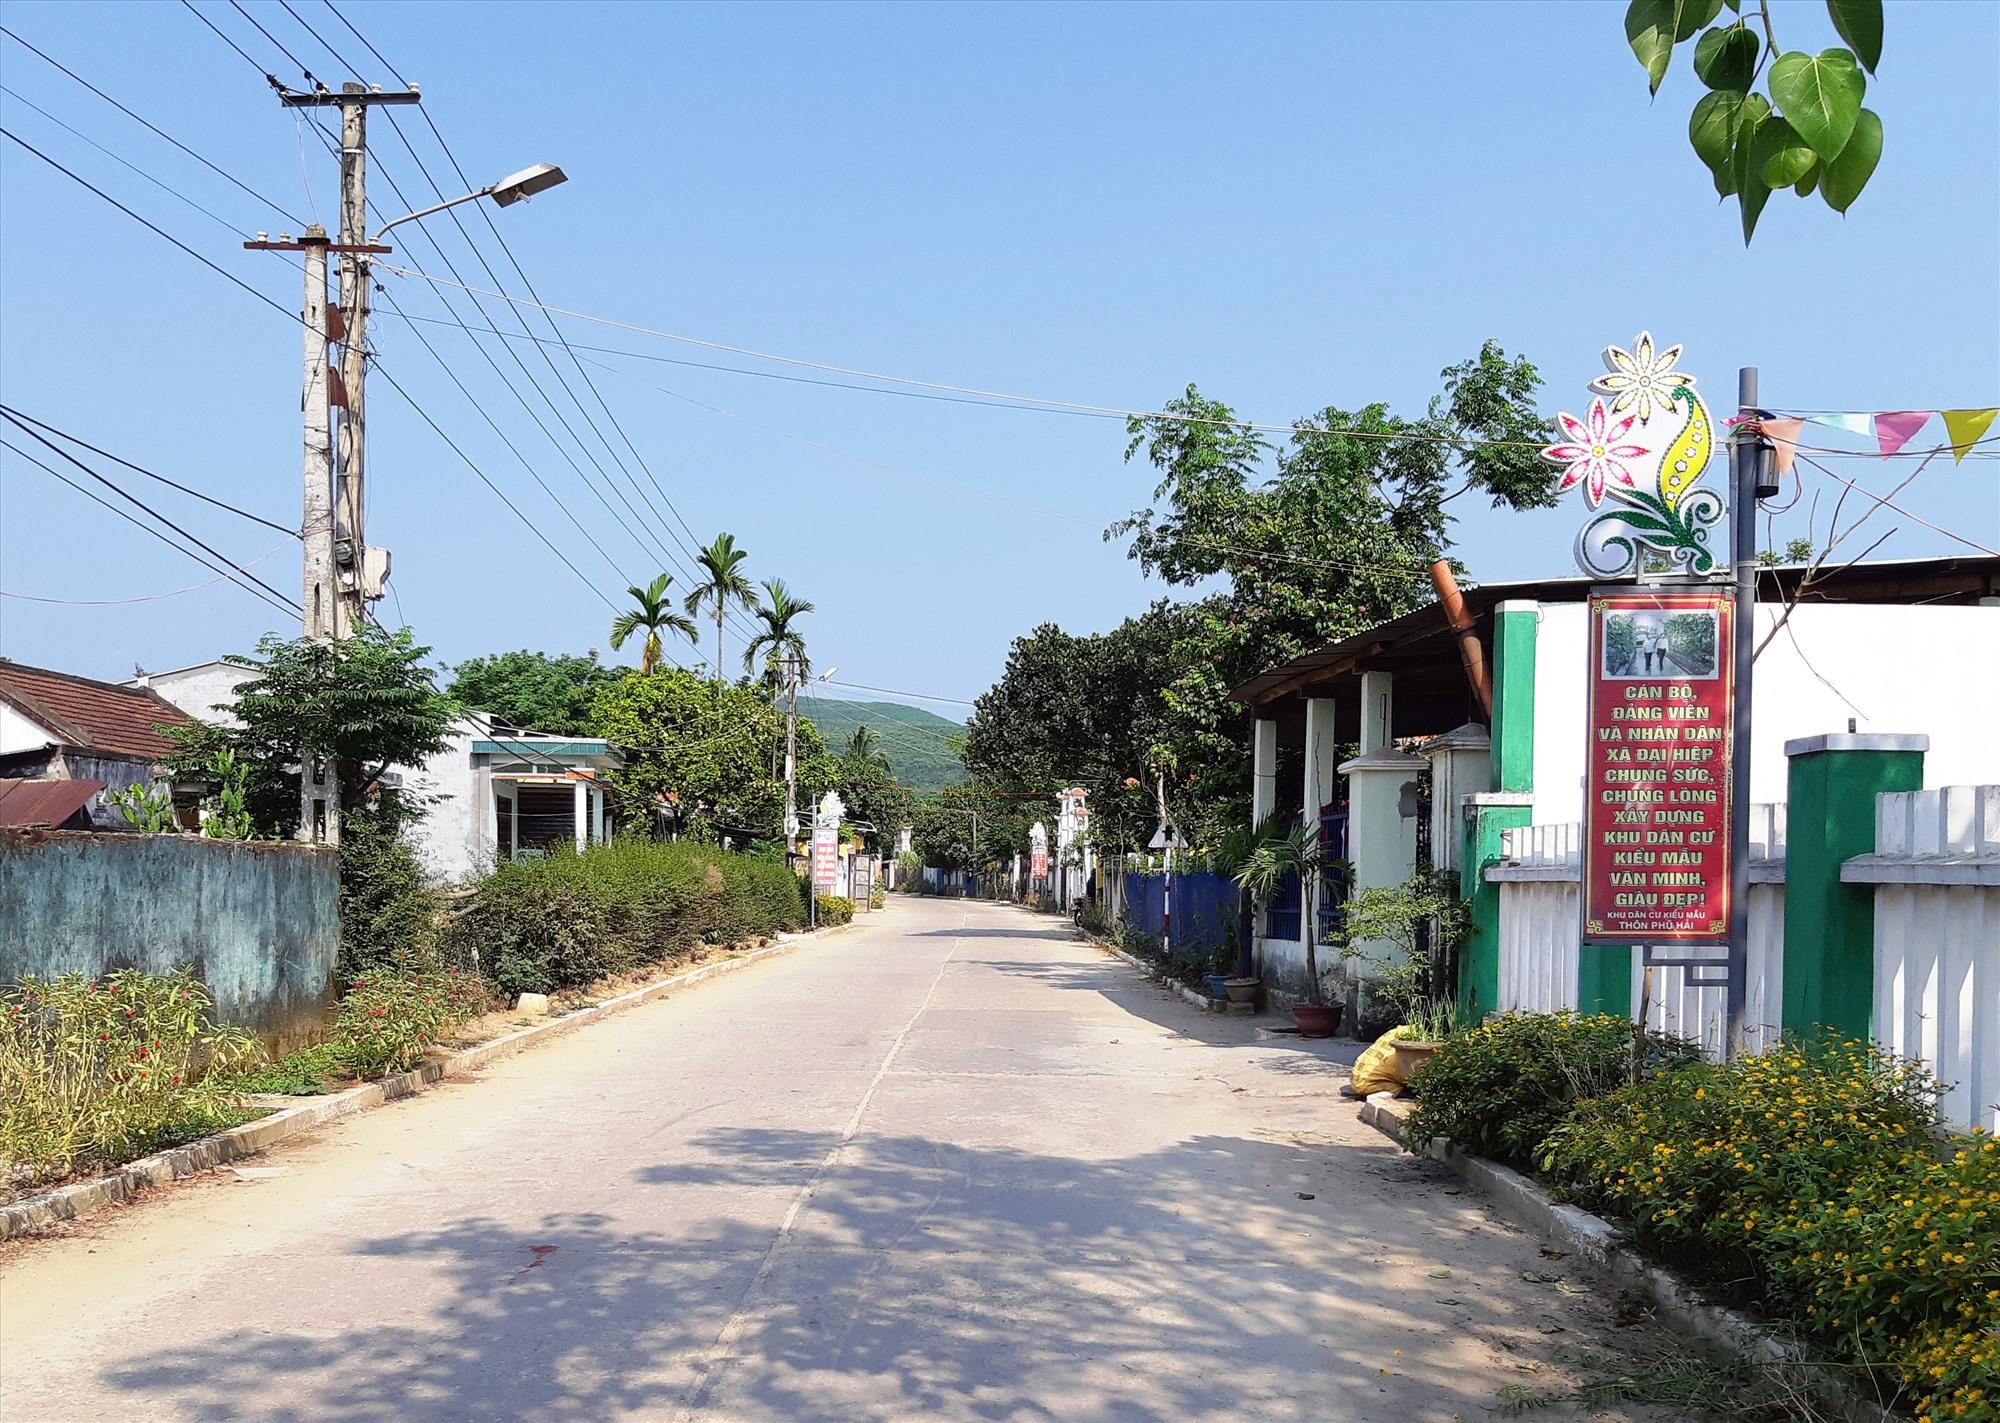 Làng quê nông thôn mới Đại Hiệp thay da đổi thịt từng ngày. Ảnh chụp tại khu dân cư thôn Phú Hải. Ảnh: HOÀNG LIÊN